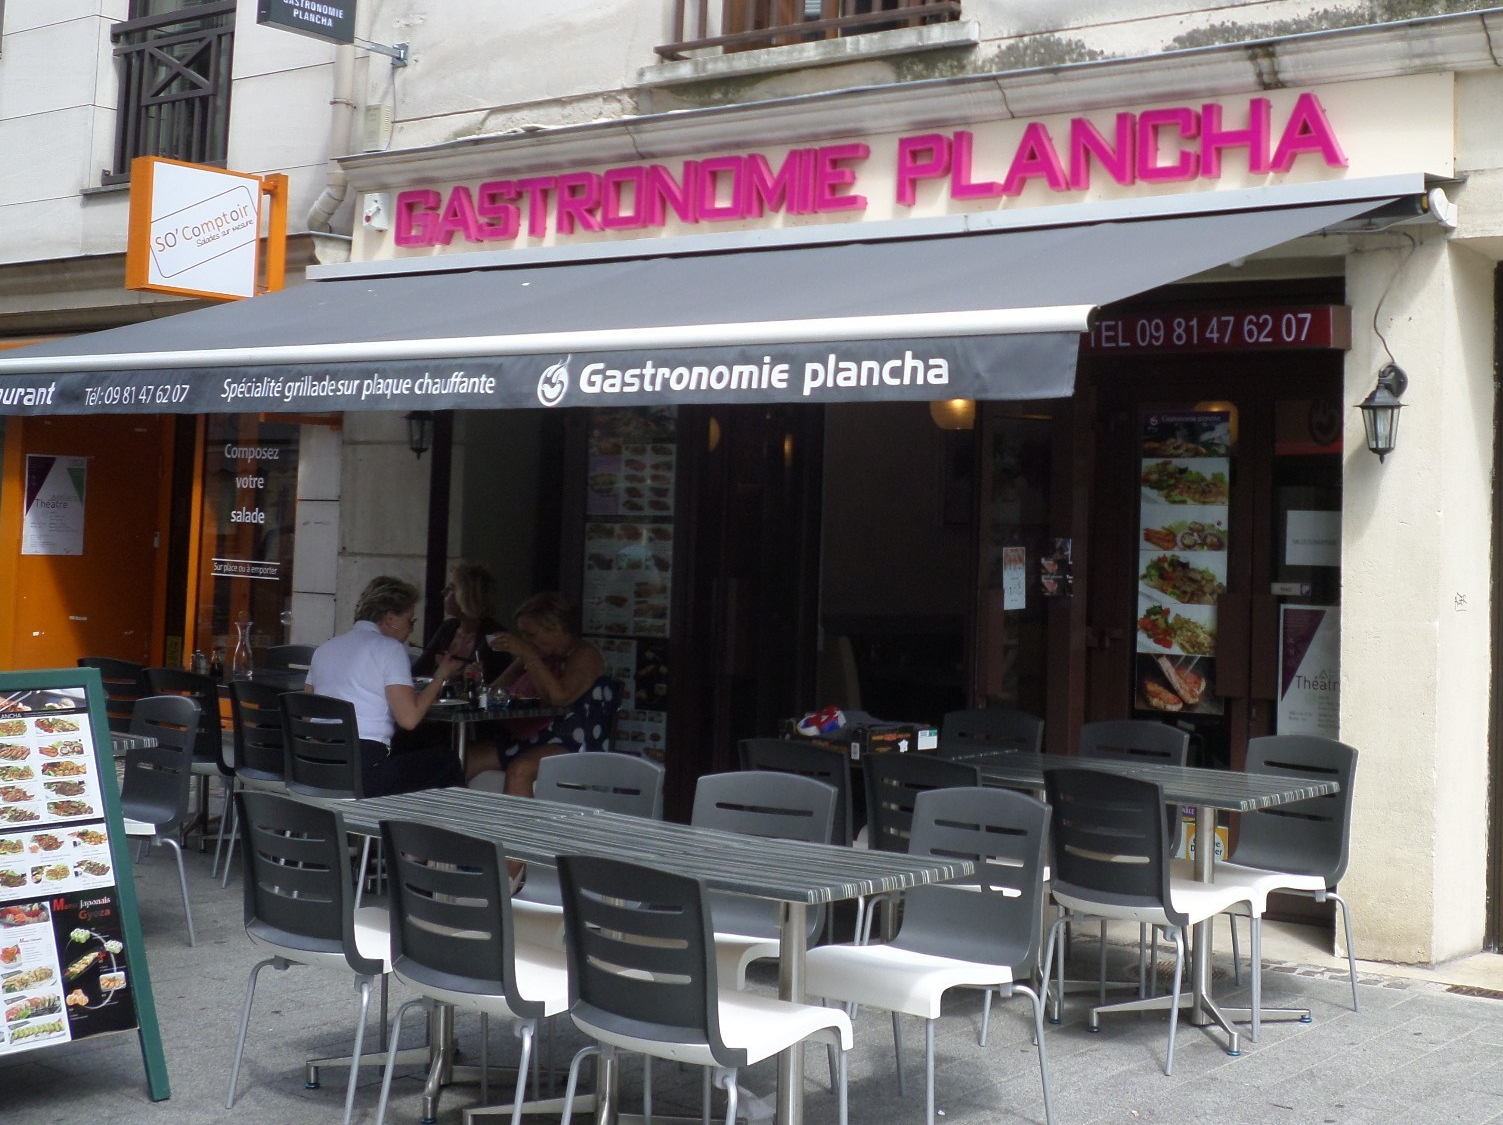 suresnes-gastronomie-plancha-old-le-berry